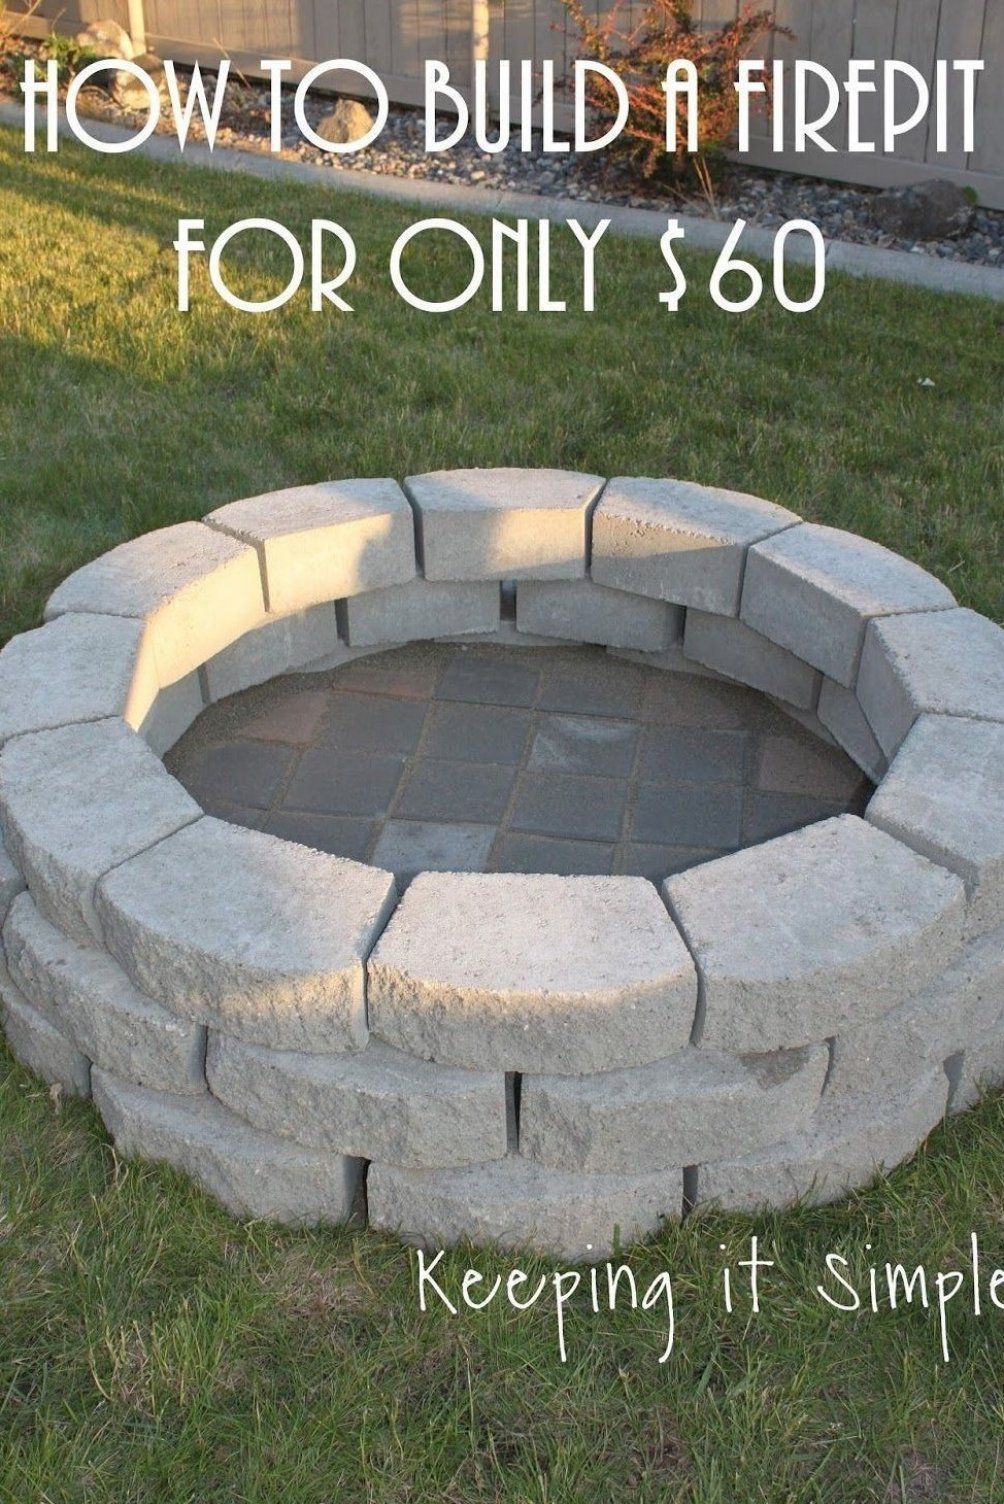 Einfach Halten So Bauen Sie Eine Diy Feuerstelle F R Nur 60 Us Dollar Mehr Bauen Diyfeuerstelle Eine Einfach Firep In 2020 Feuerstelle Diy Terrasse Hintergarten